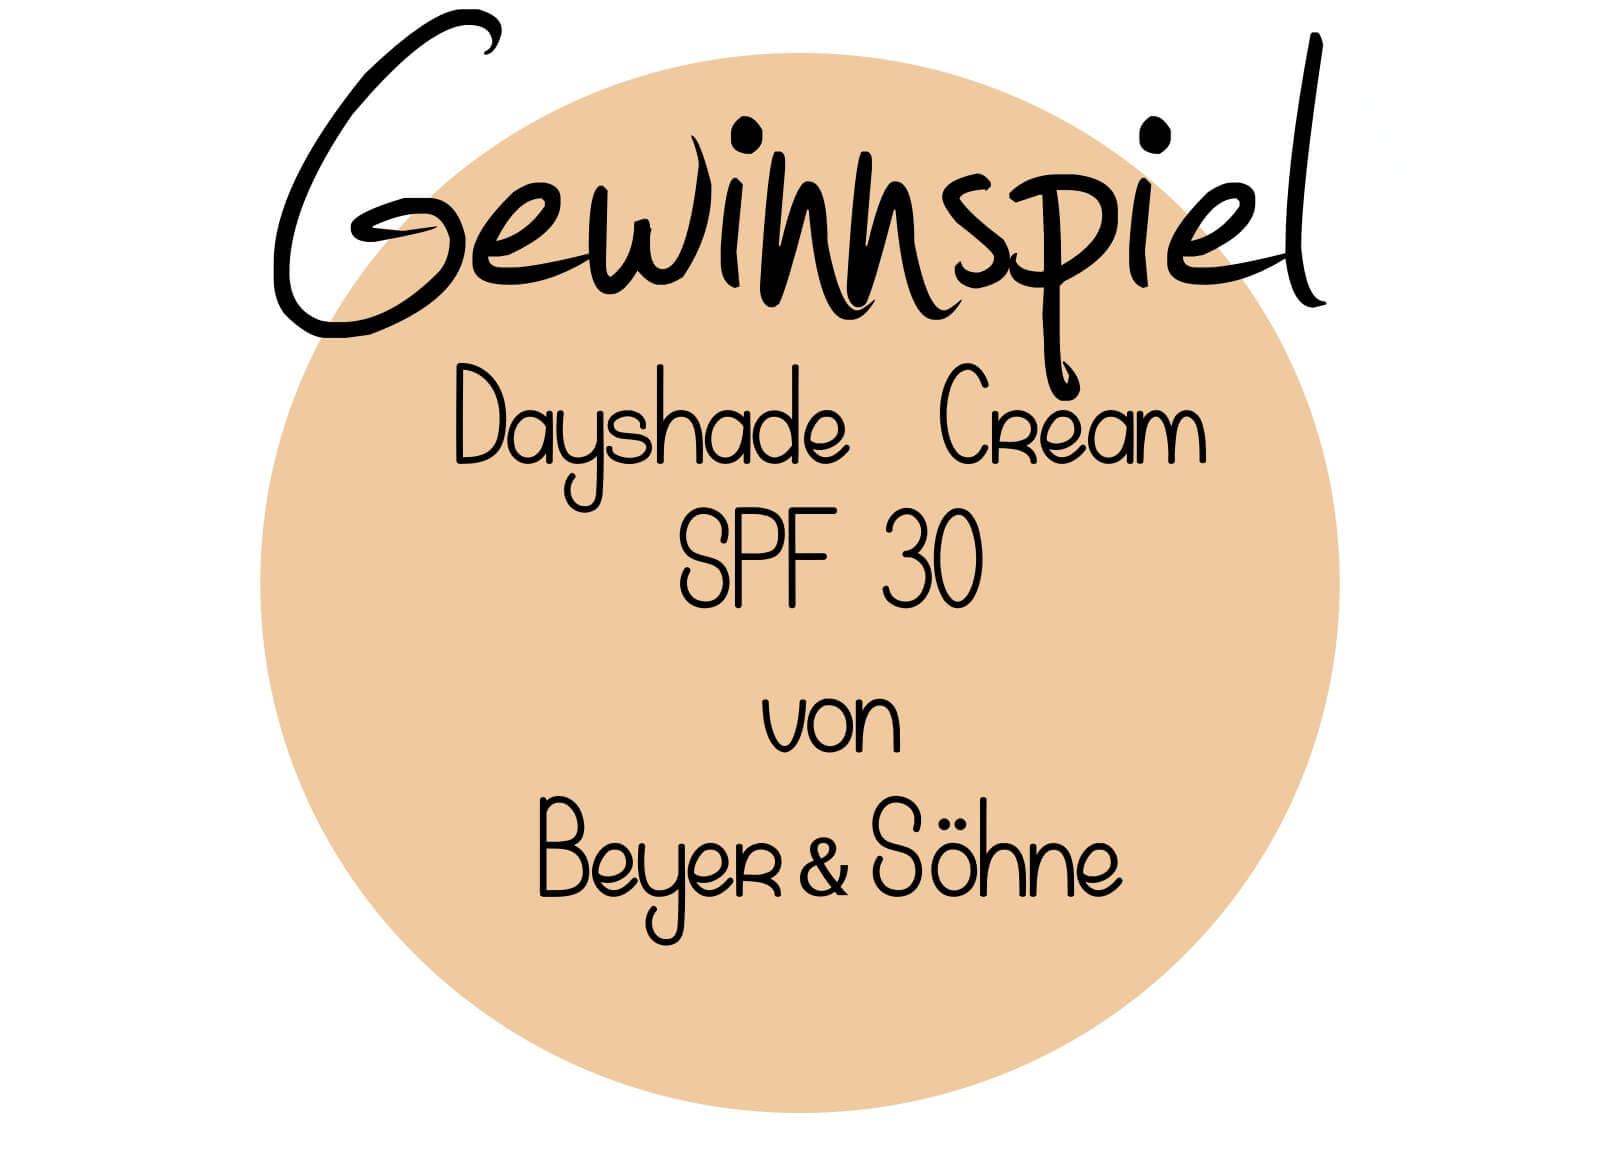 Gewinnspiel - Hochwertige Anti-Aging-Pflege - Dayshade Cream SPF 30 von Beyer & Söhne zu gewinnen